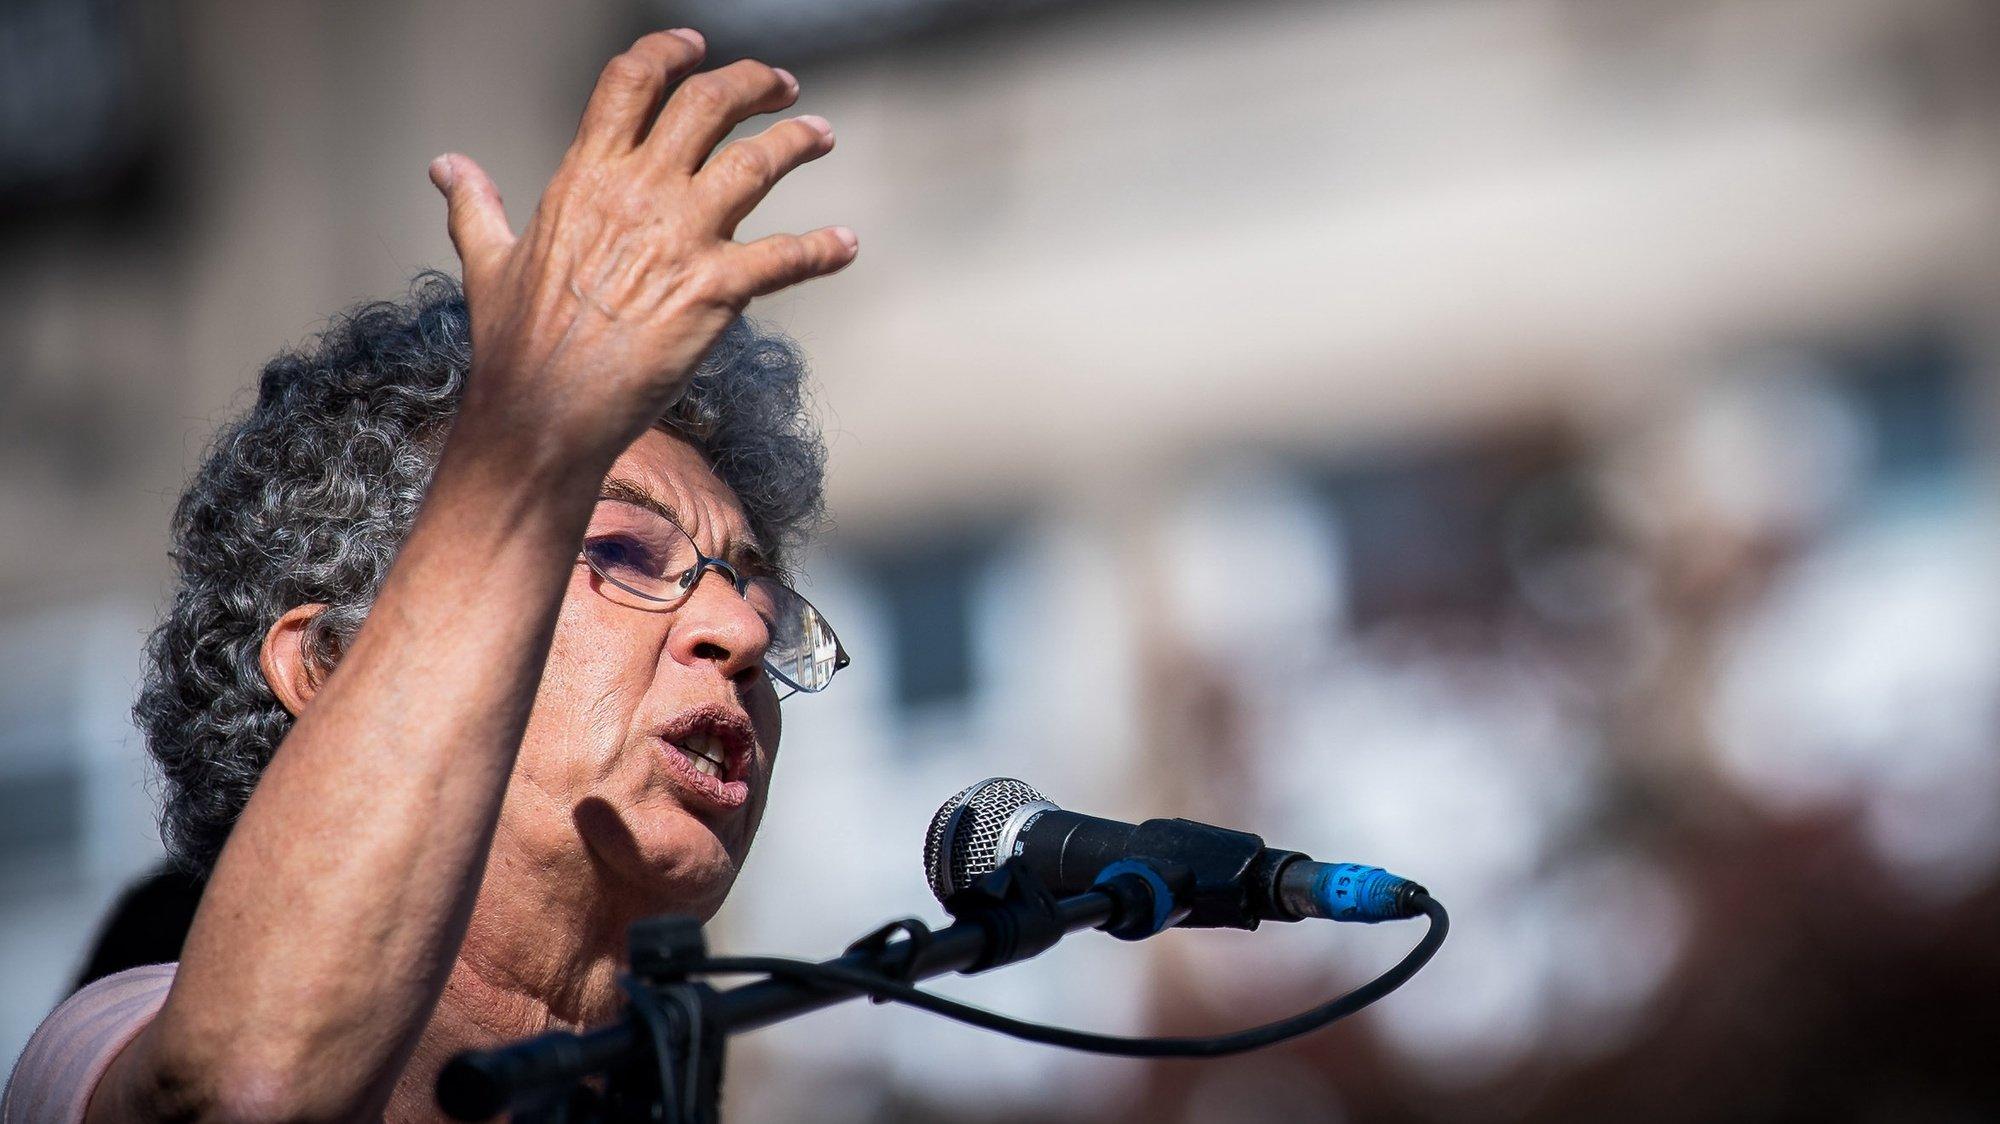 """A secretária-geral da CGTP-IN, Isabel Camarinha intervém durante a manifestação sob o lema """"Por uma Europa dos trabalhadores e dos povos, afirmar a soberania, lutar pelos direitos, mais emprego, produção nacional, salários e serviços públicos"""", no âmbito da Cimeira Social, organizada pela Presidência Portuguesa do Conselho da União Europeia (UE), no Porto, 08 de maio de 2021. RUI FARINHA/LUSA"""